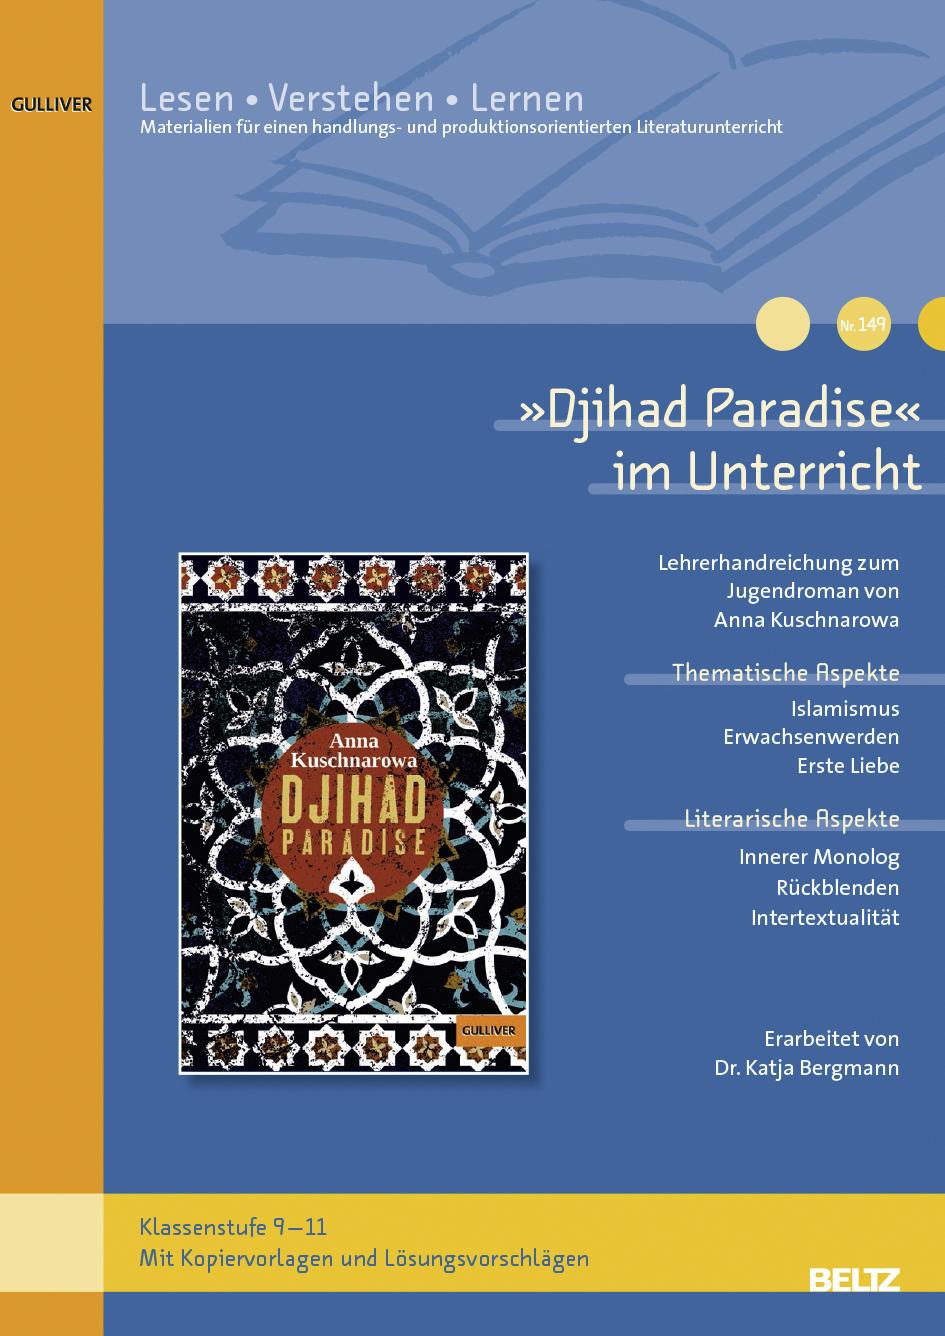 Djihad Paradise« im Unterricht - Download | Lehrerhandreichung zum ...